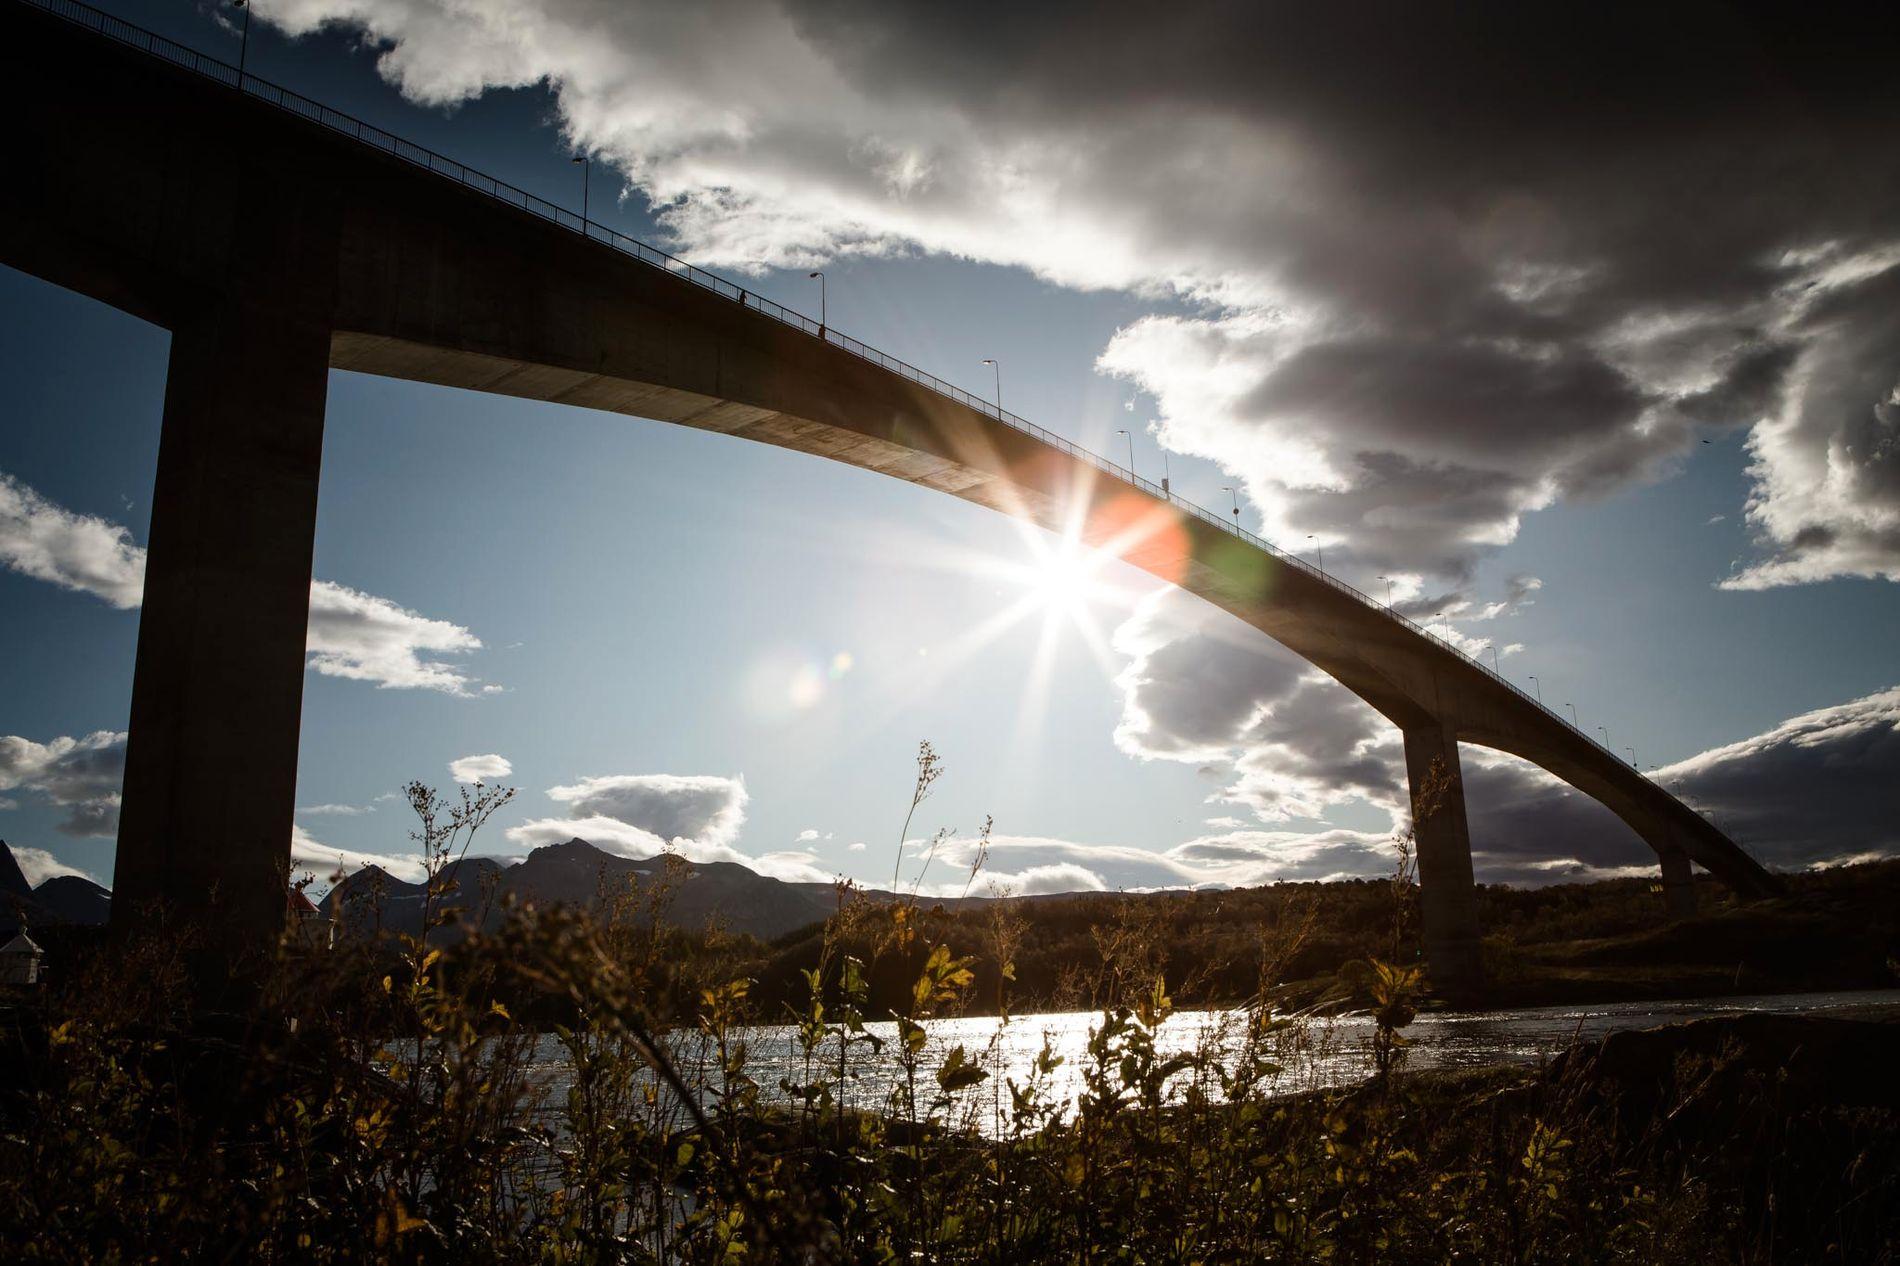 UTENDØRS: Tysfjord-mannen som ifølge påtalemyndigheten skal ha forgrepet seg på seks kvinner, er blant annet tiltalt for å ha misbrukt en ung kvinne på en benk ved  Opplevelsessenteret i Saltstraumen i Nordland.